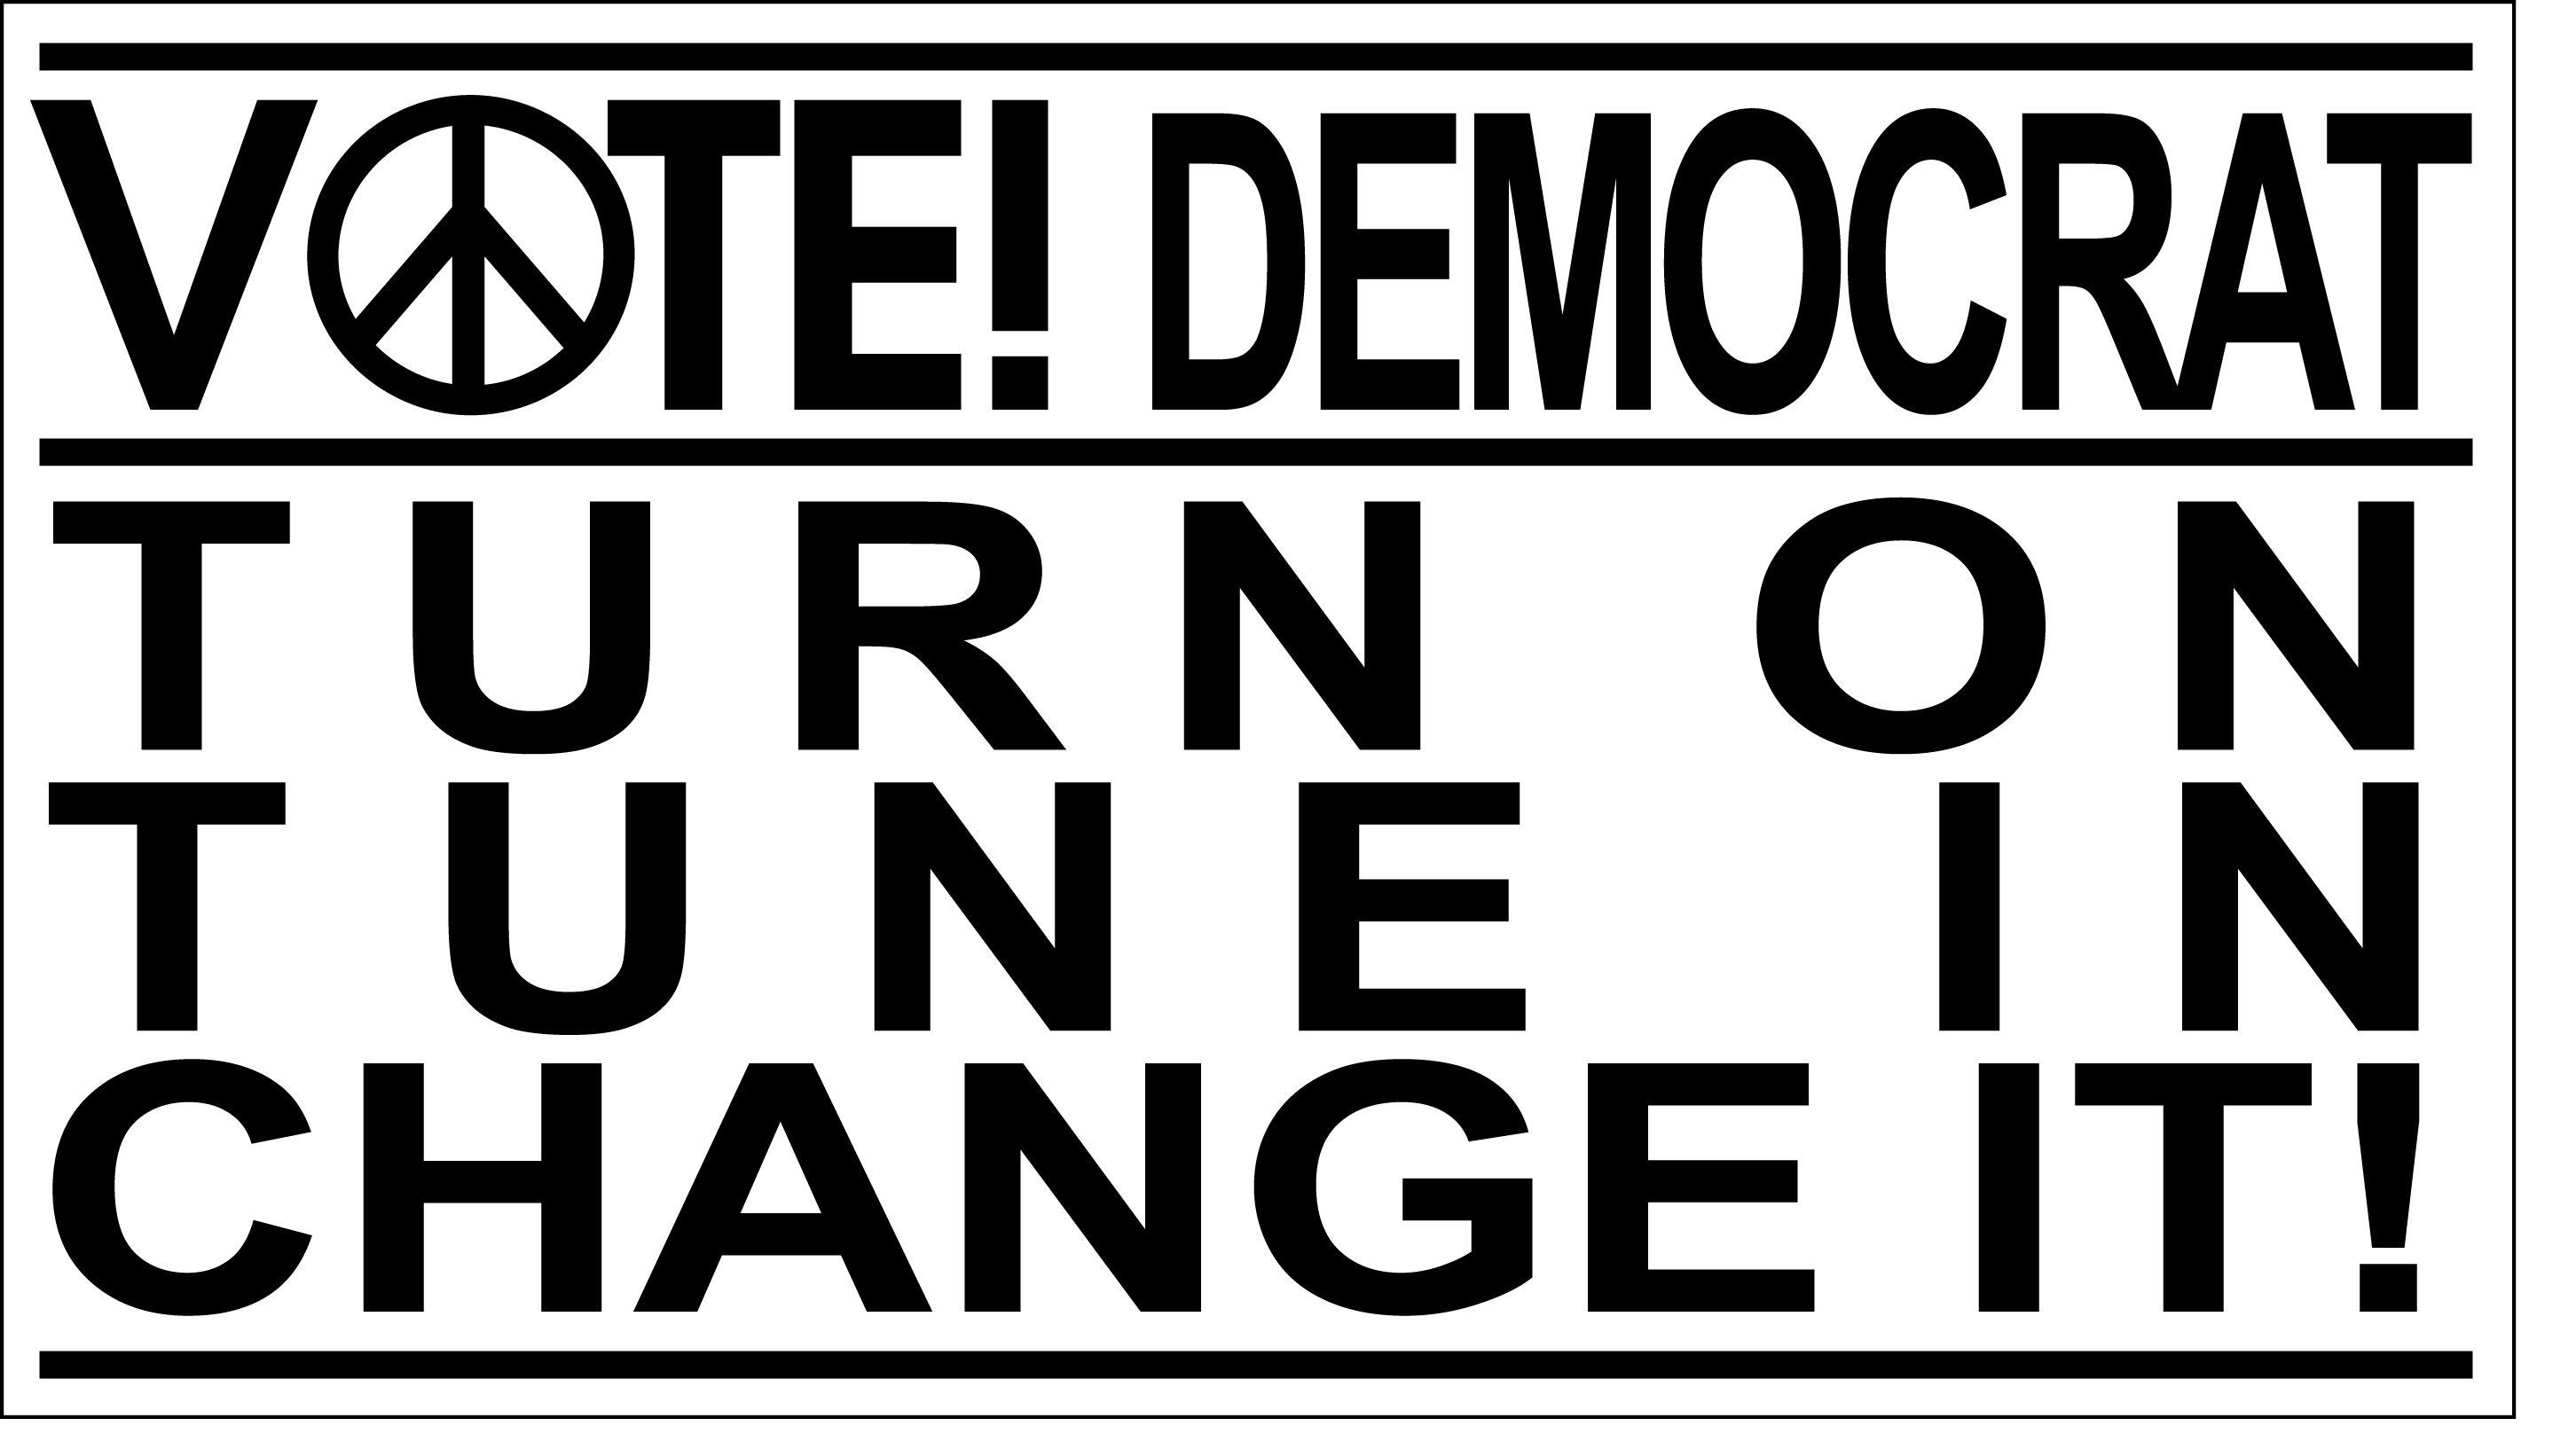 Pin On Vote Democrat